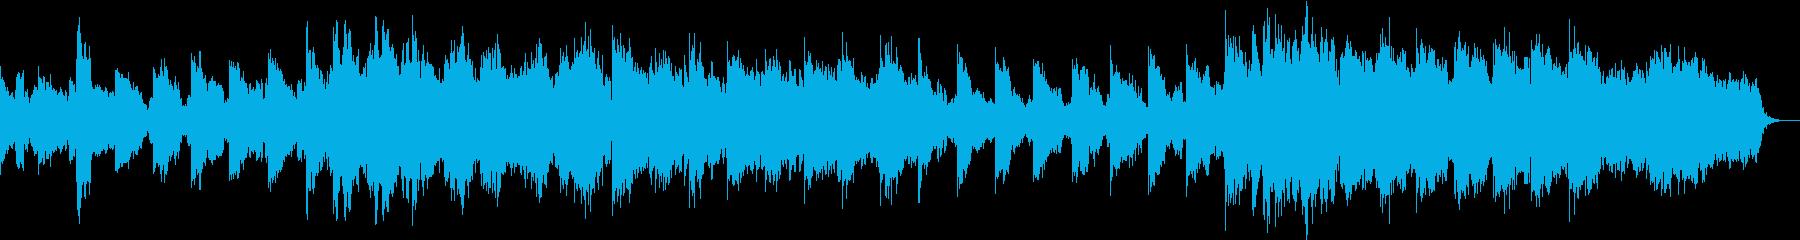 企業VPや映像に感動 前向きストリングスの再生済みの波形